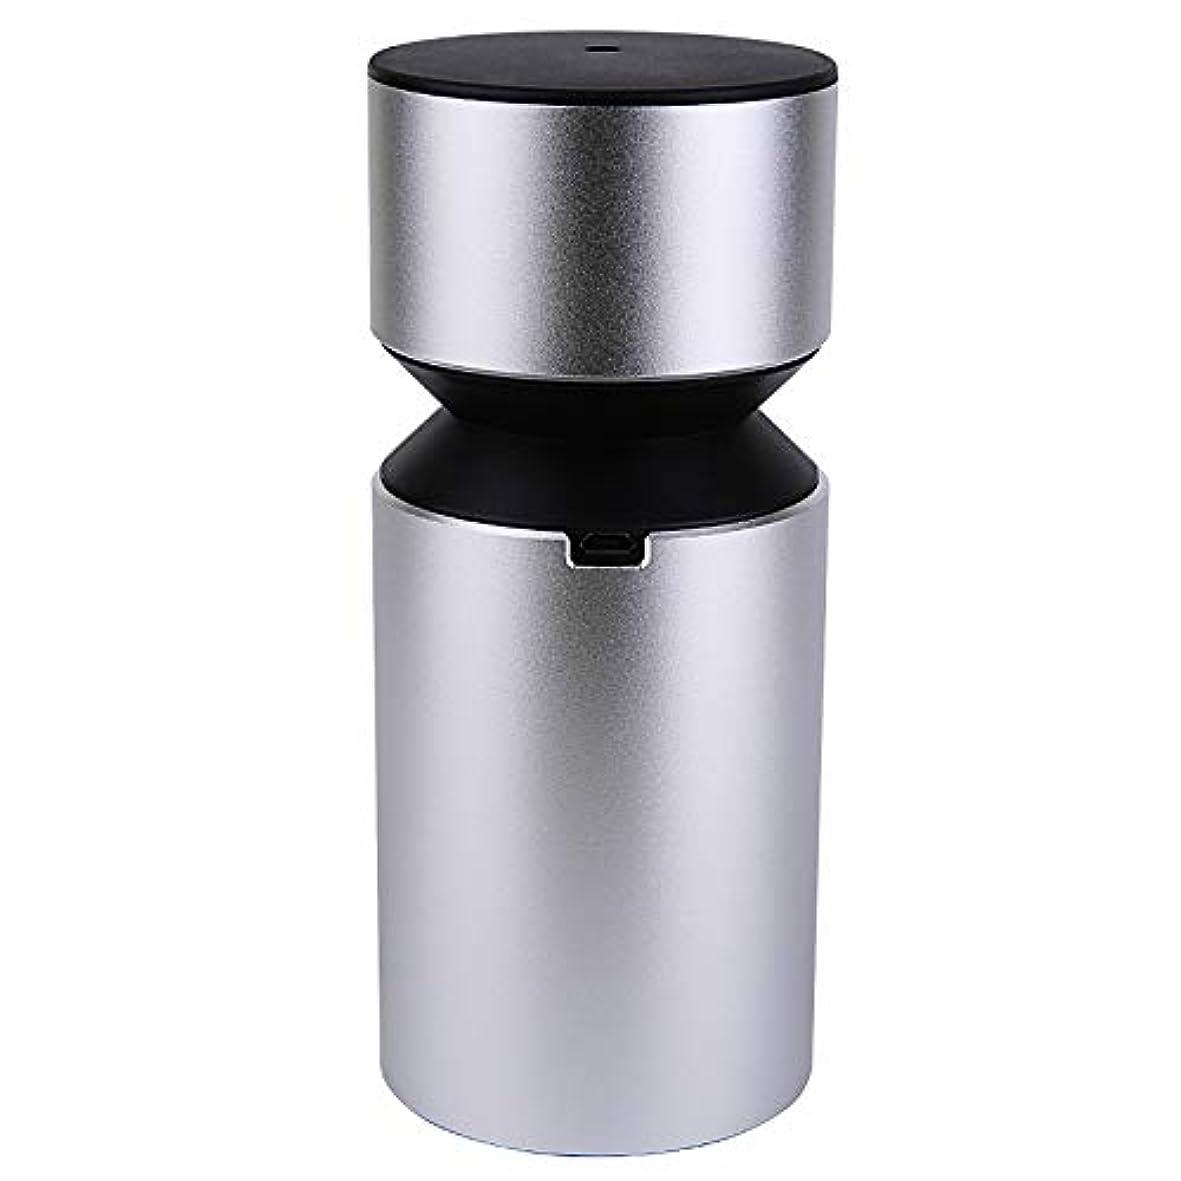 重大冷蔵庫たまにアロマディフューザー 車載用 ネブライザー式 充電式 静音 精油瓶1個スポイト付きT11-ENS068N (シルバー)